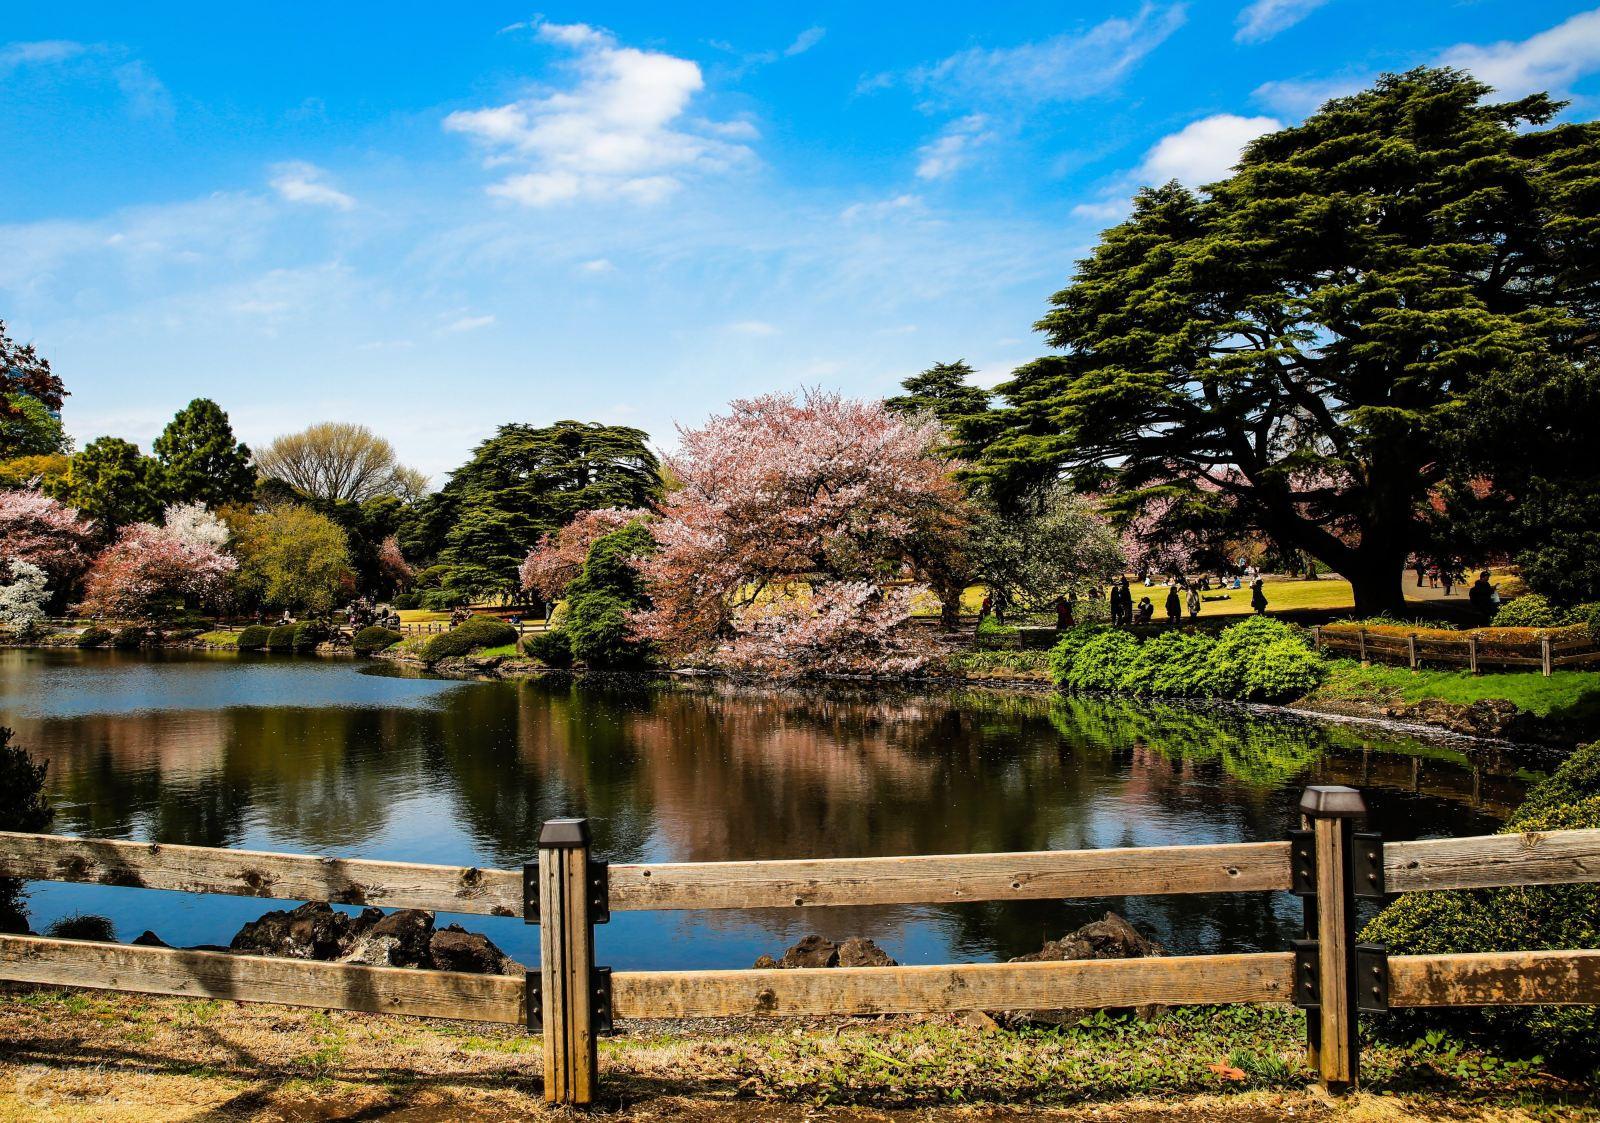 新宿御苑融合日式与西式庭园风格的大型公园